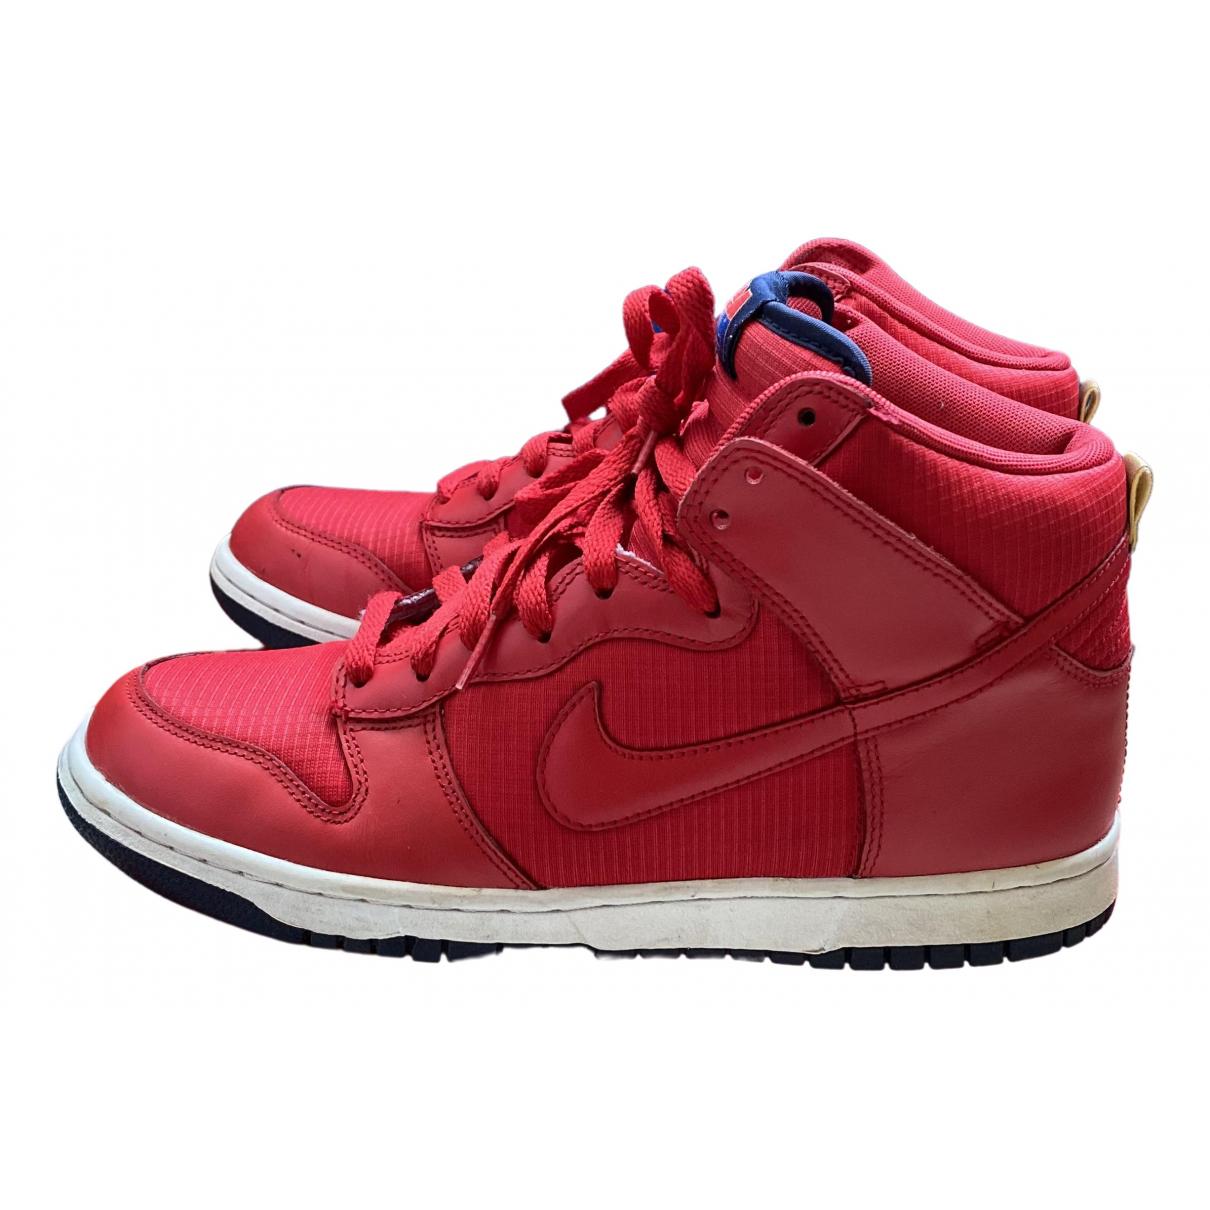 Deportivas SB Dunk  de Lona Nike